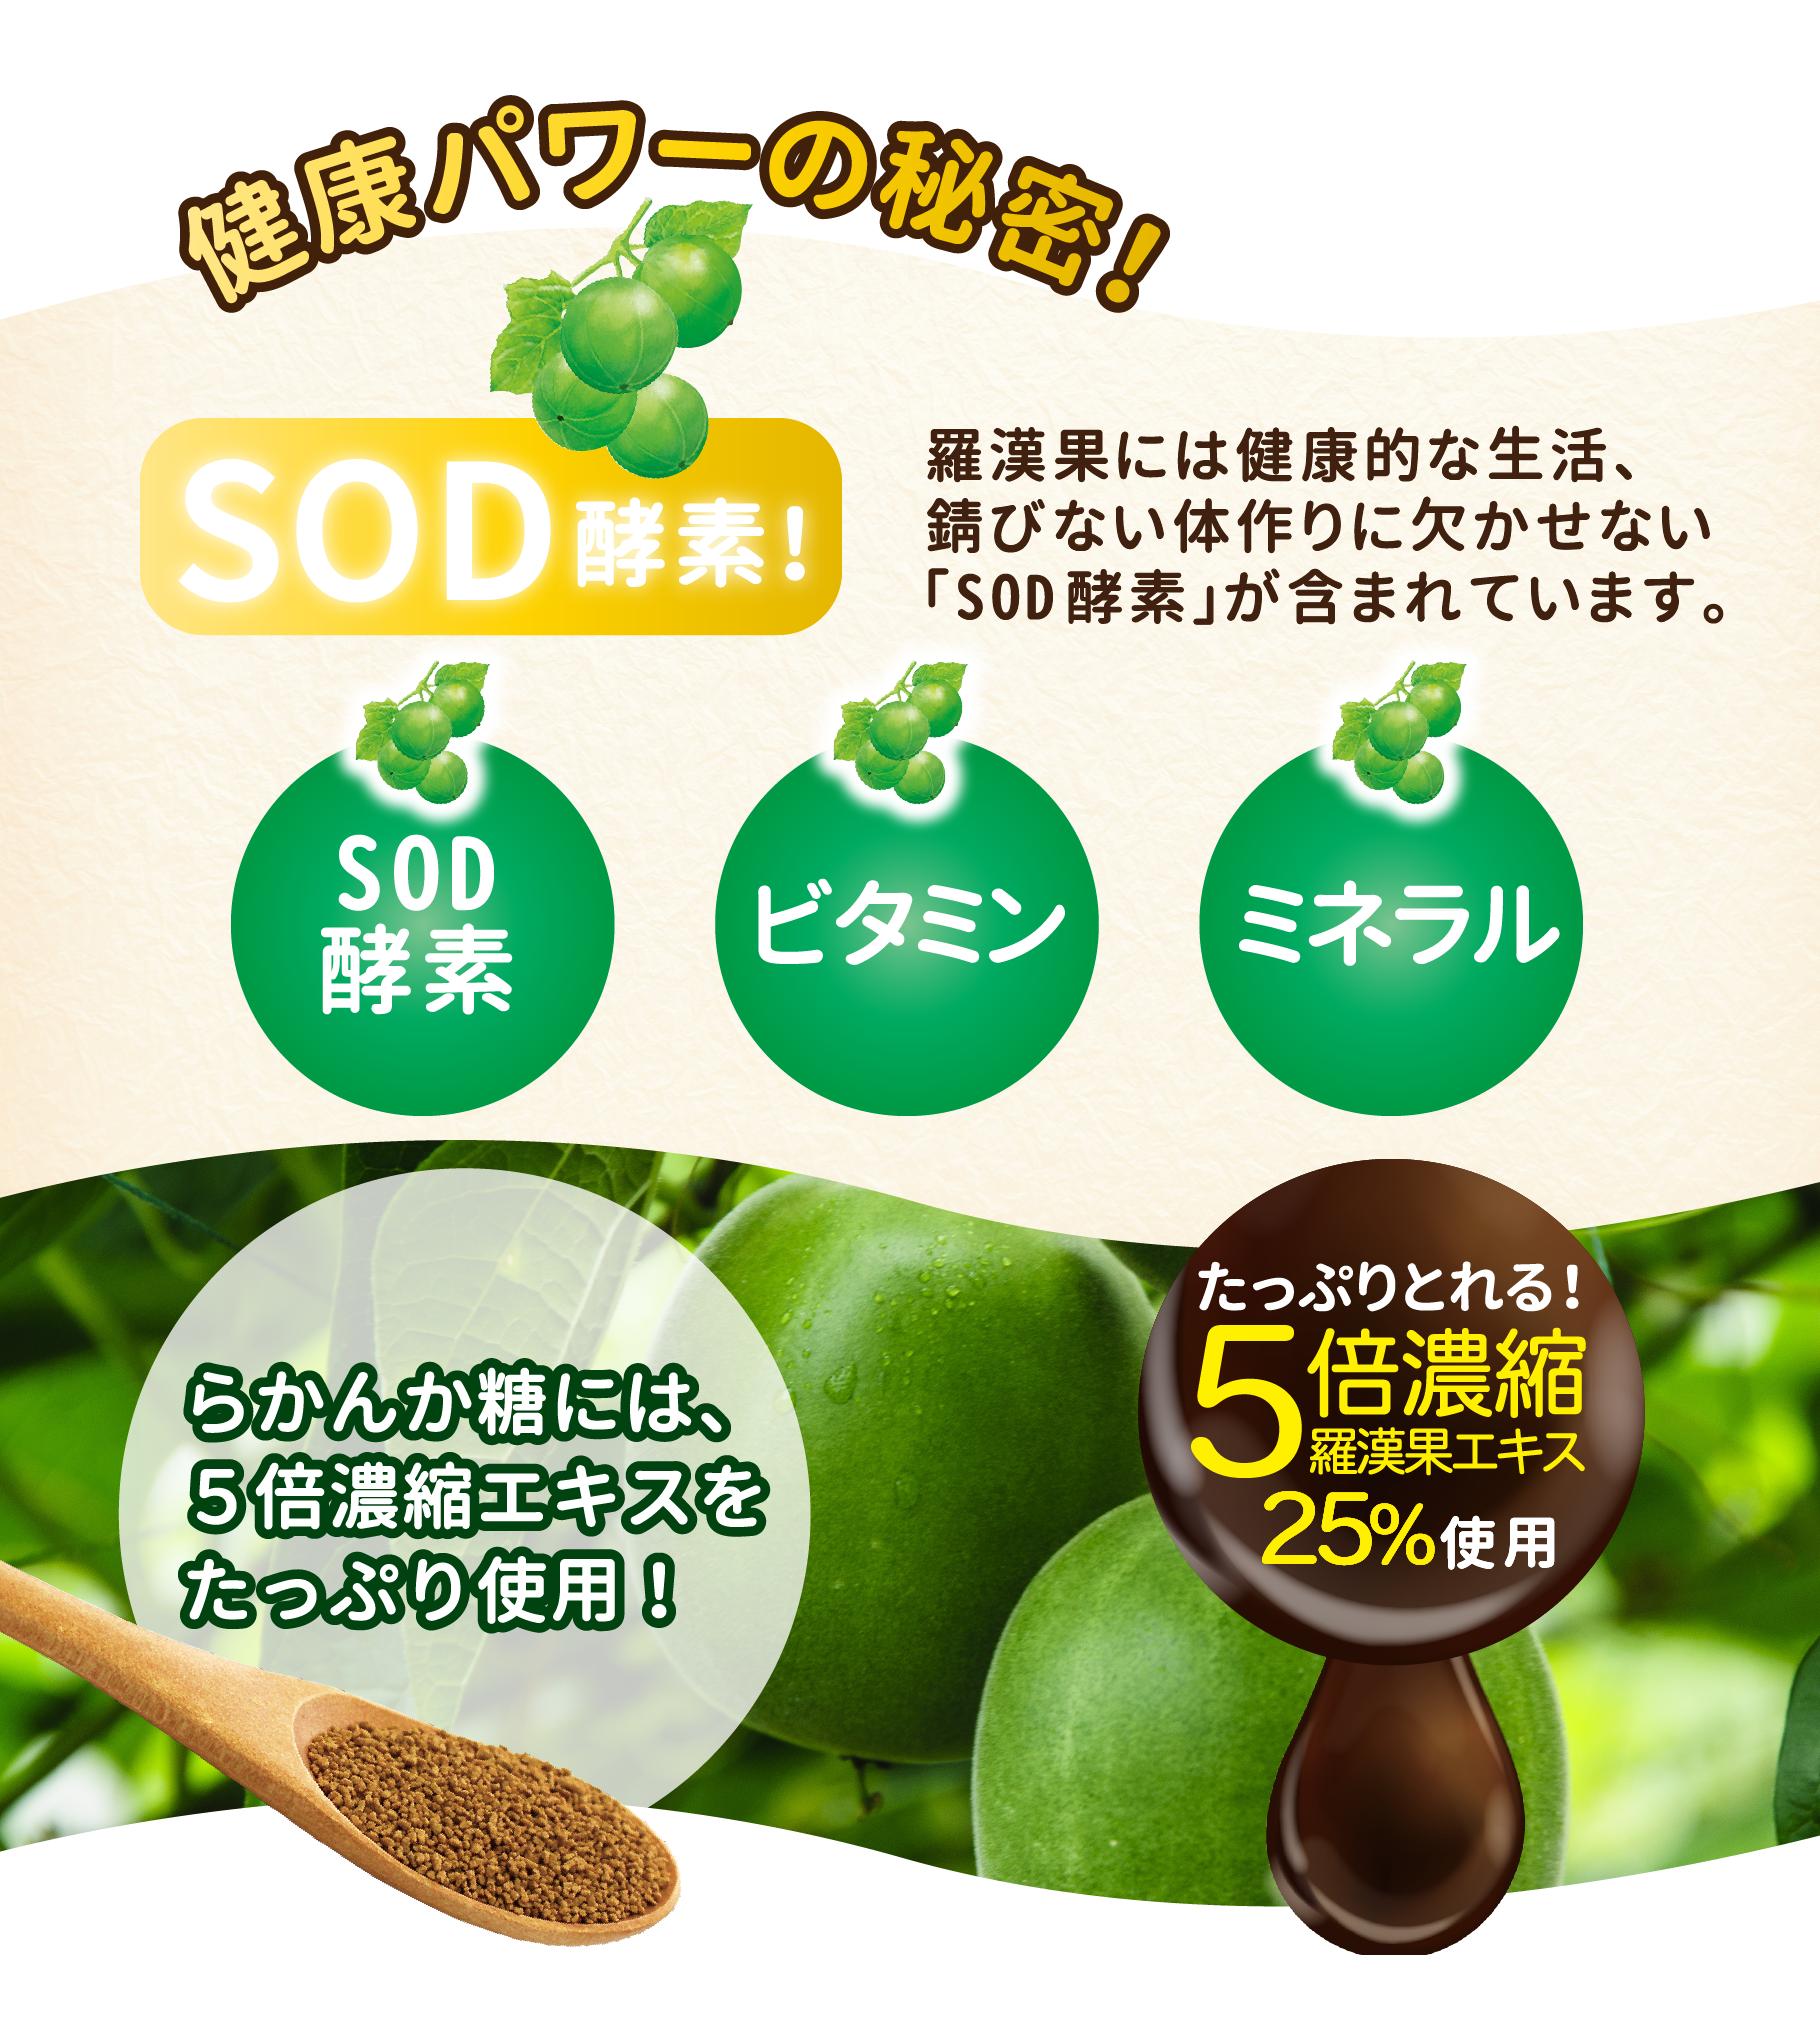 らかんか糖1kg業務用 SOD酵素